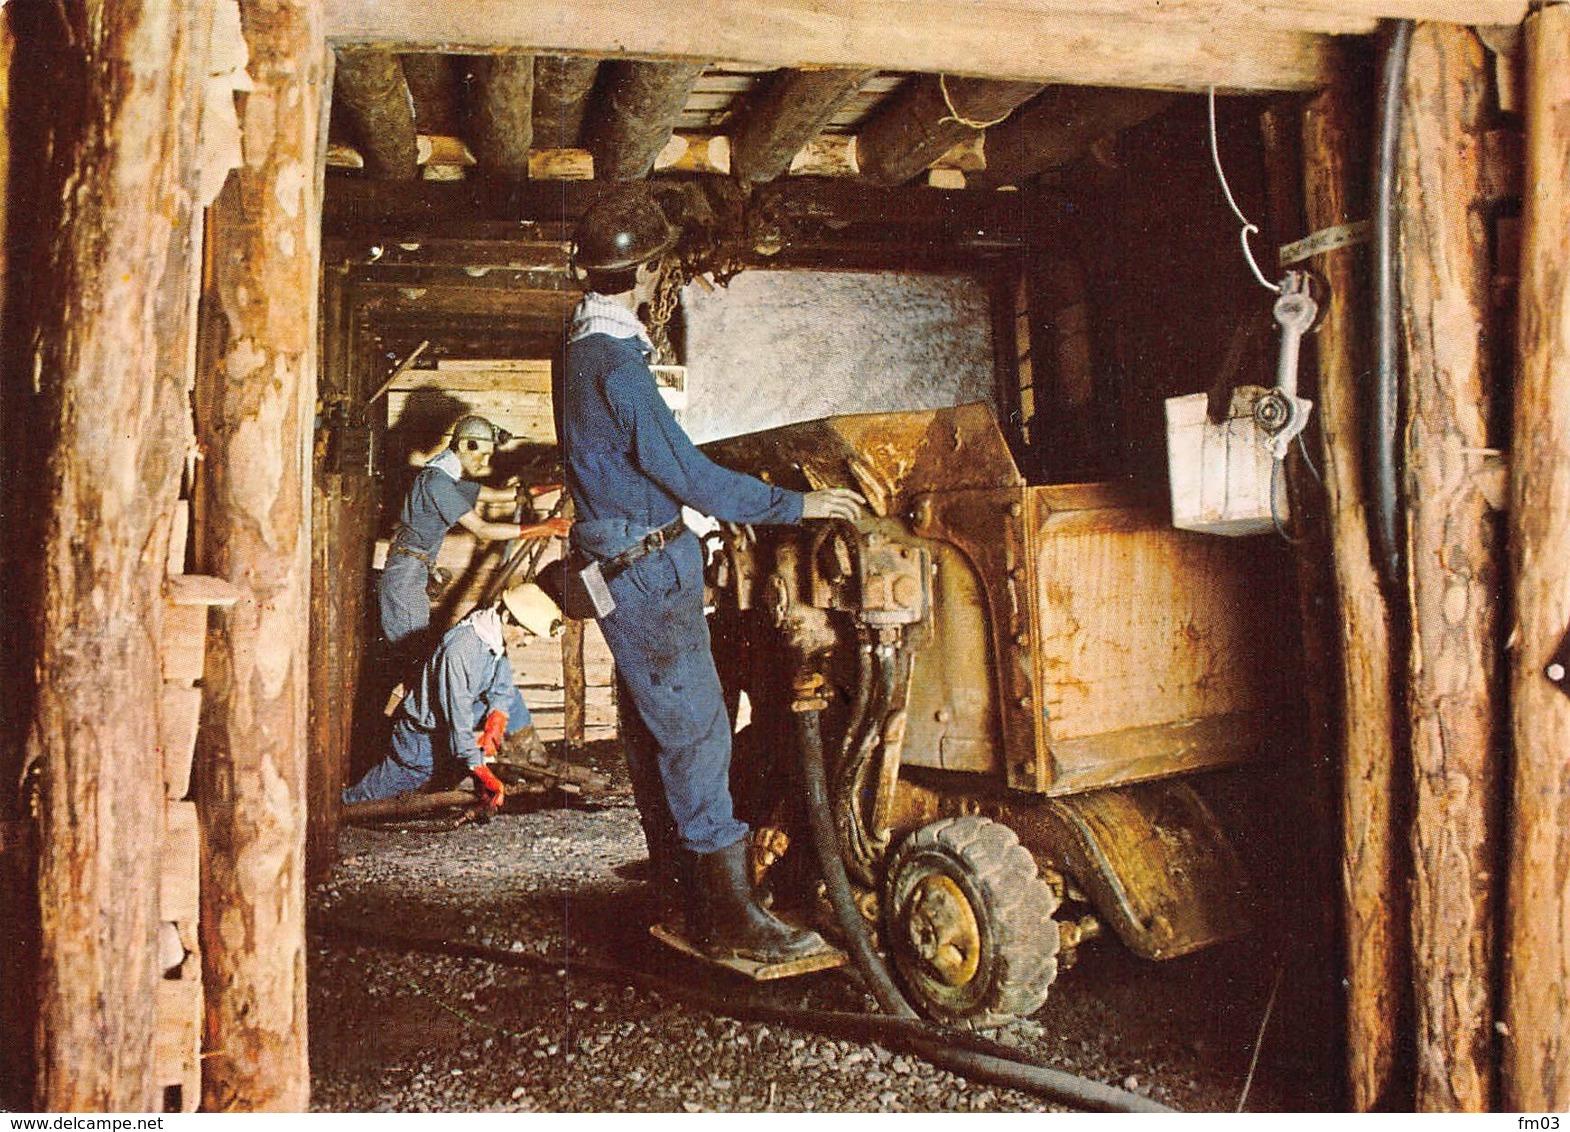 Saint Pierre La Palud Mine Mines Canton L'Arbresle - France